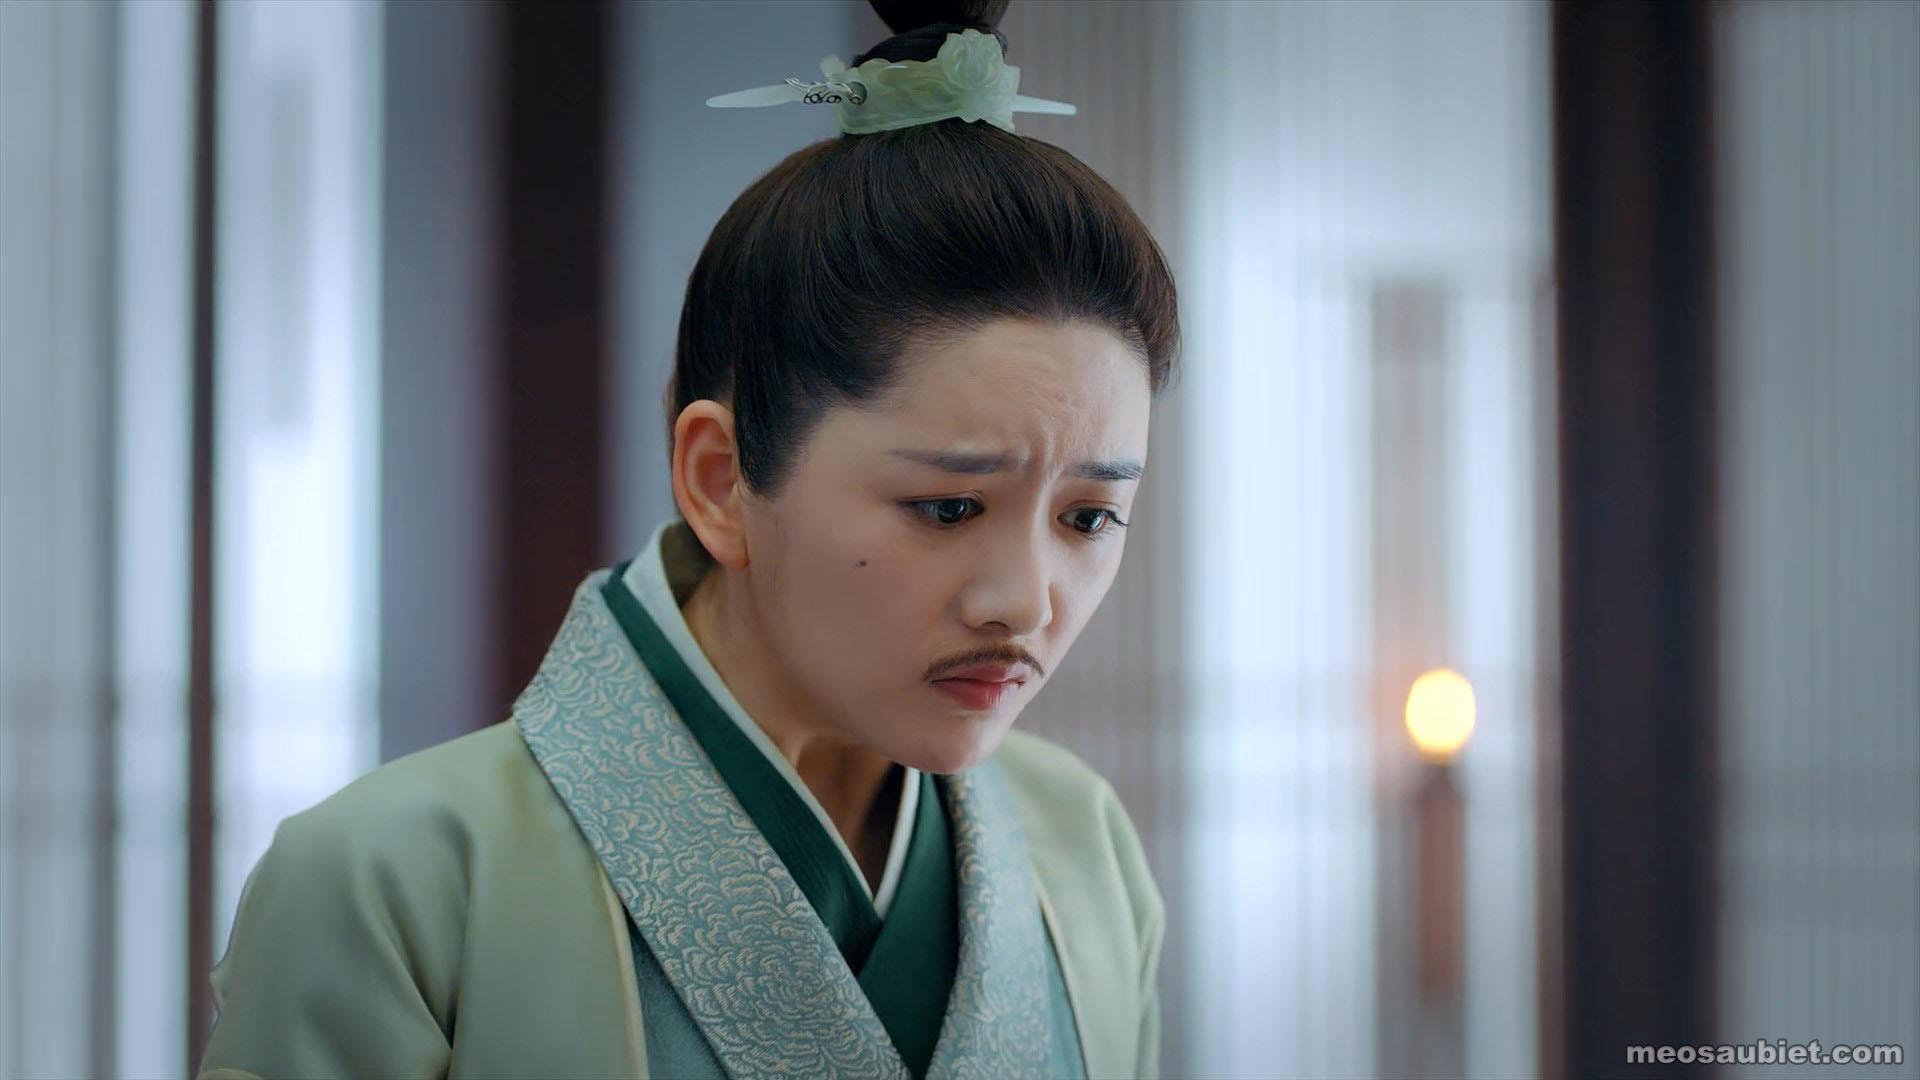 Bạch phát vương phi 2019 Văn Trúc trong vai Chiêu Vân , quận chúa Bắc Lâm